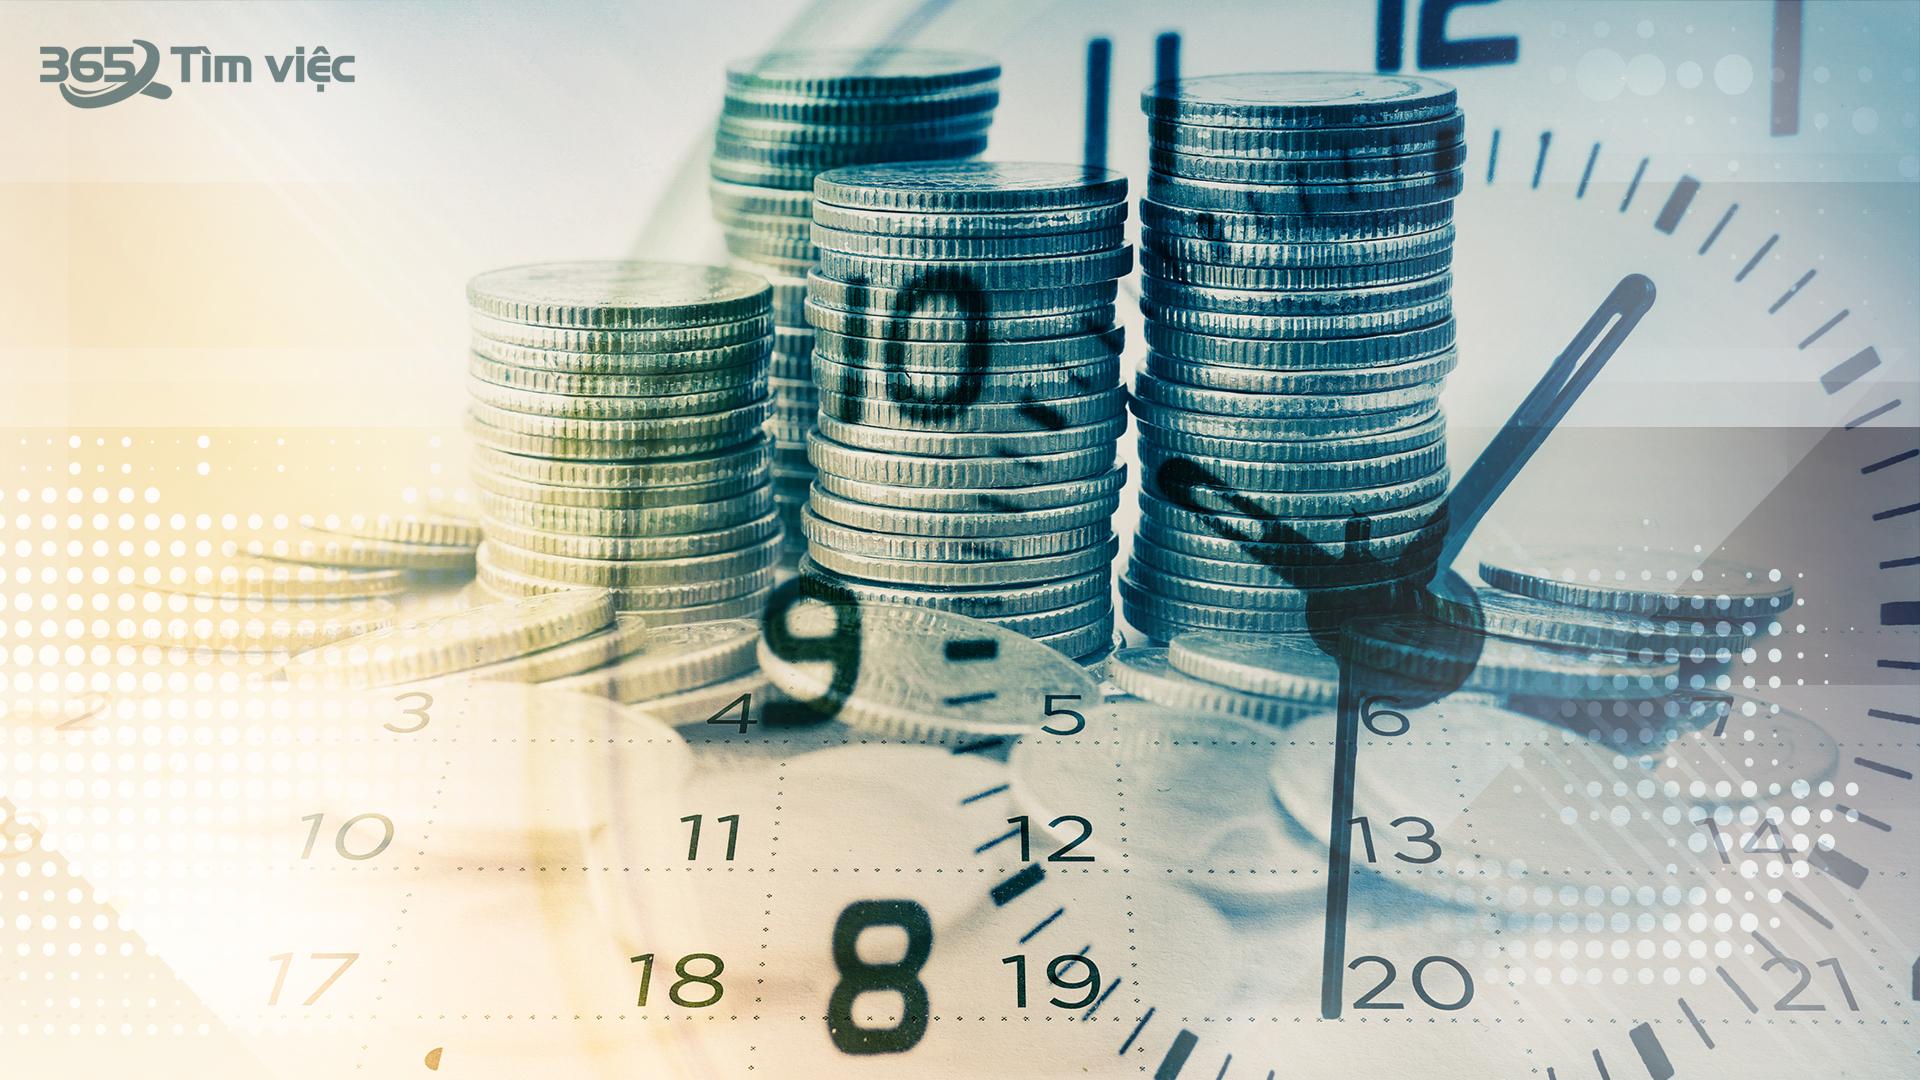 Cách trình bày phần kết của CV Vietcombank như thế nào?